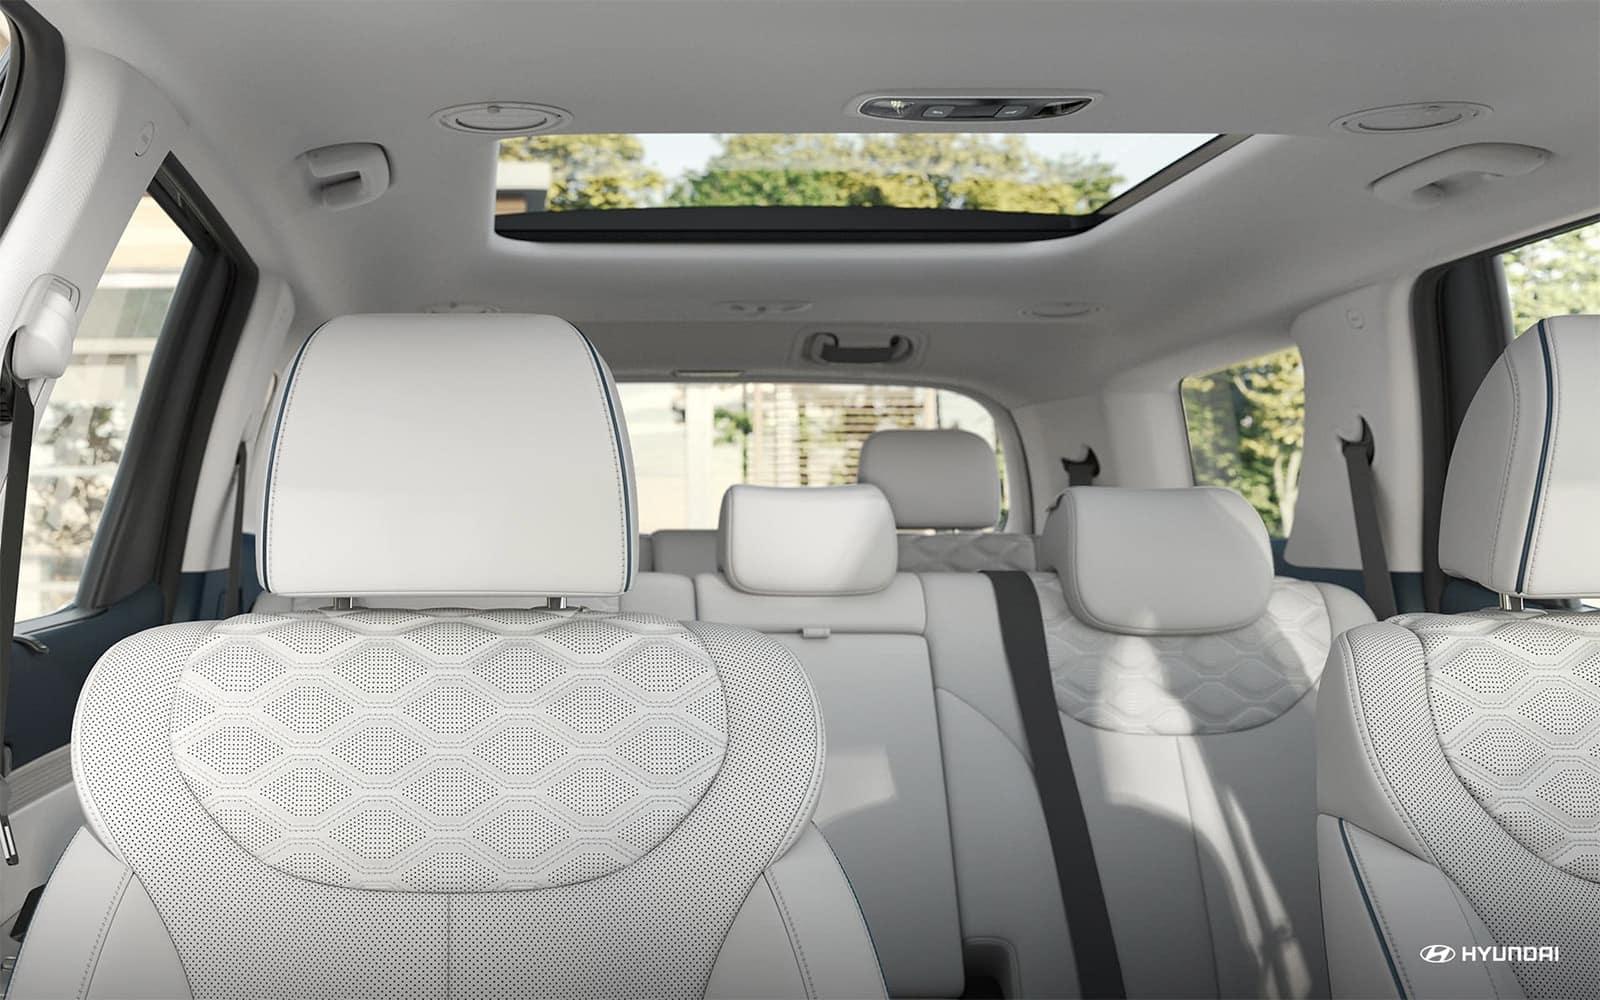 2020 Hyundai Palisade interior seats